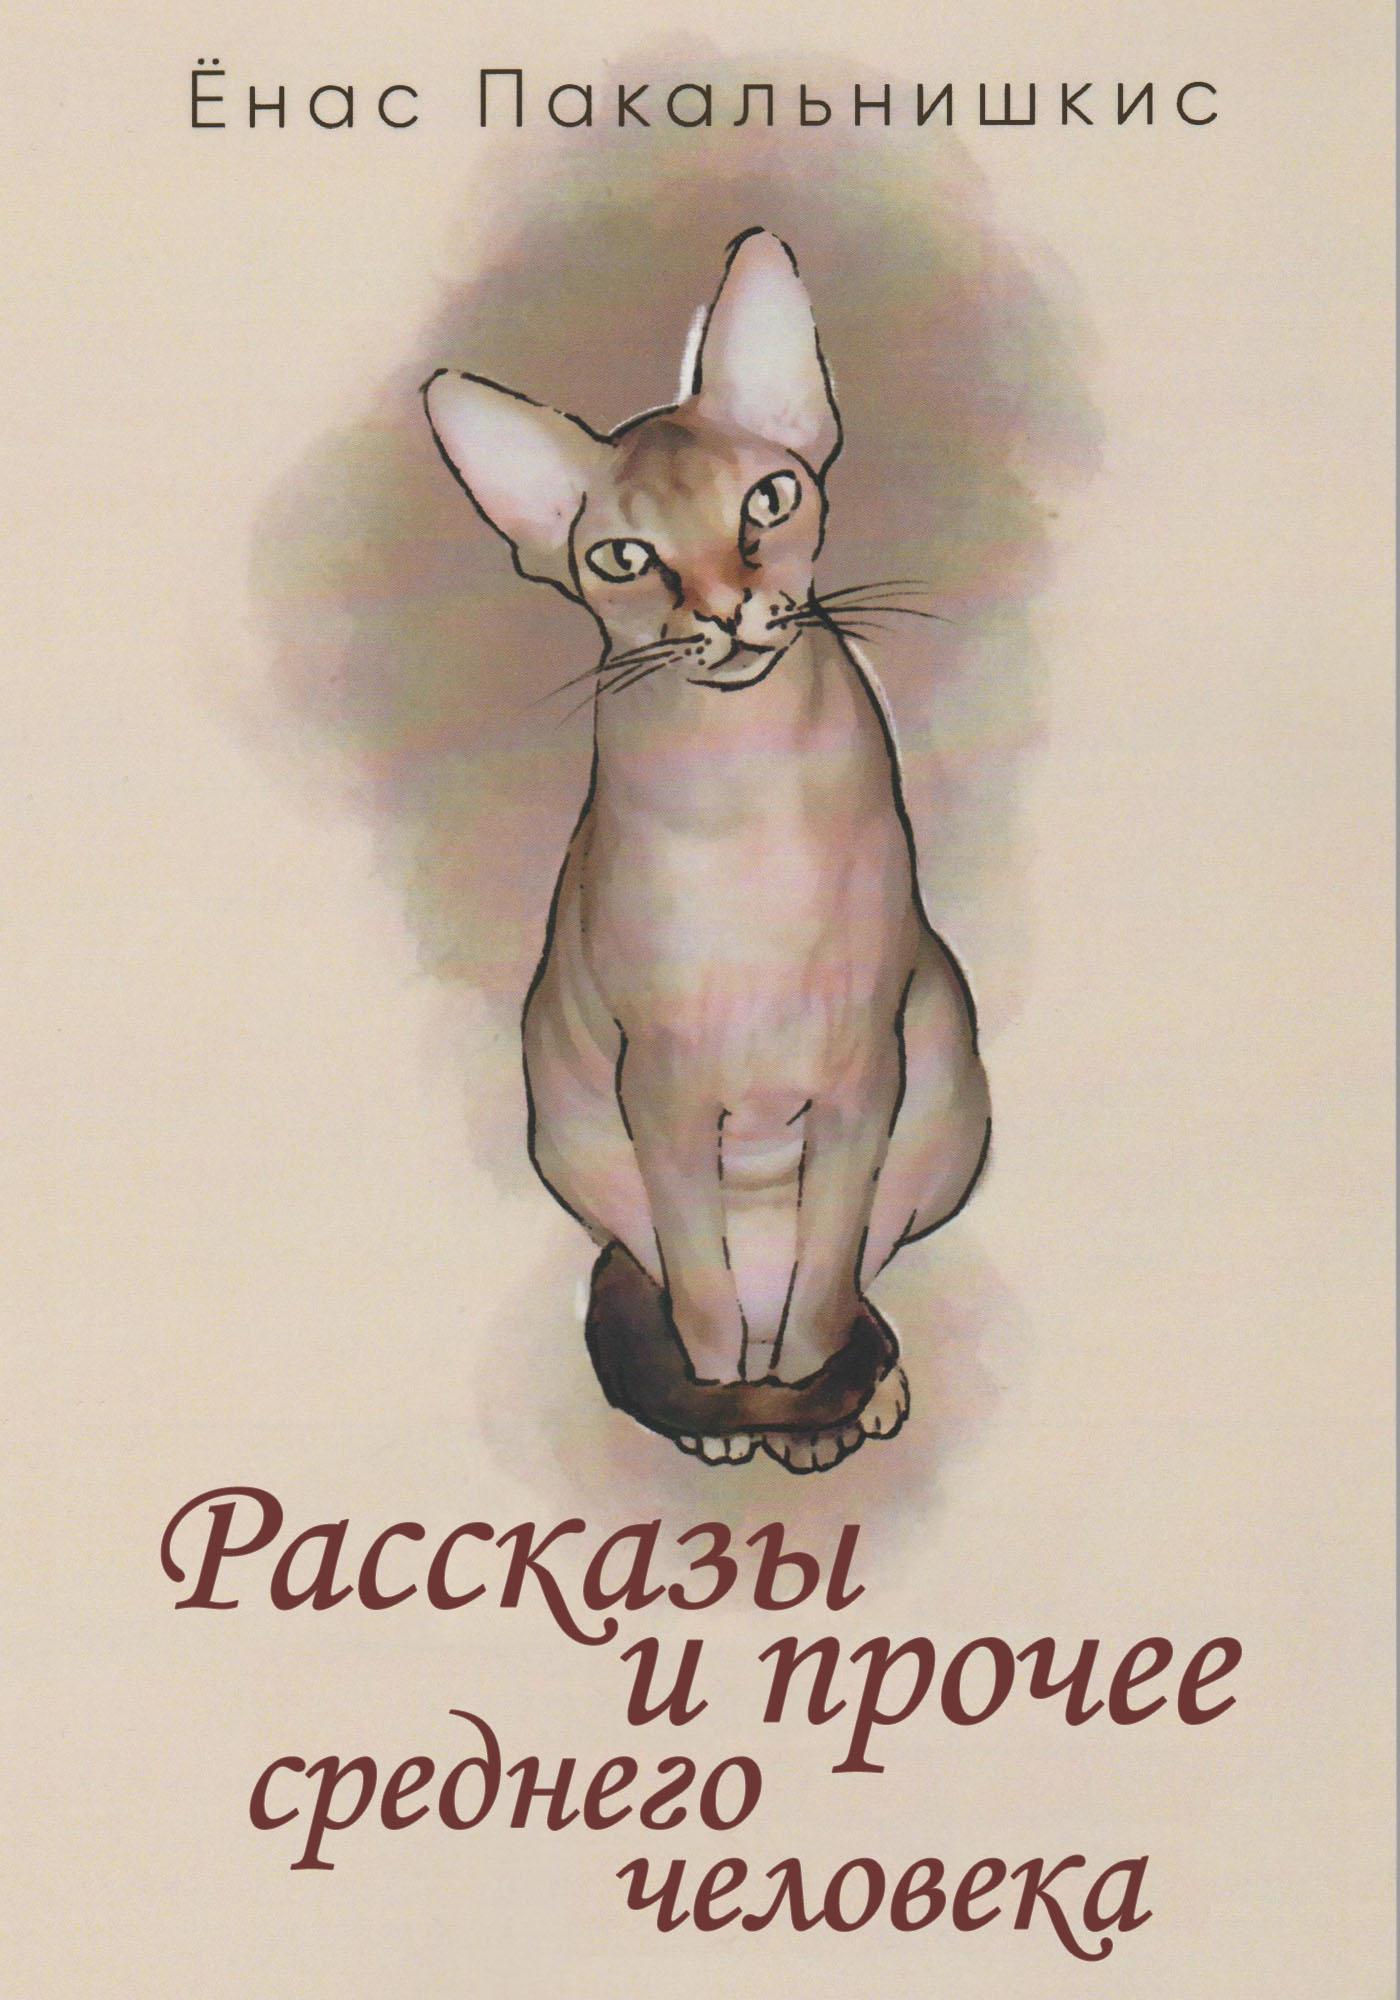 Ёнас Пакальнишкис Рассказы и прочее среднего человека (сборник)